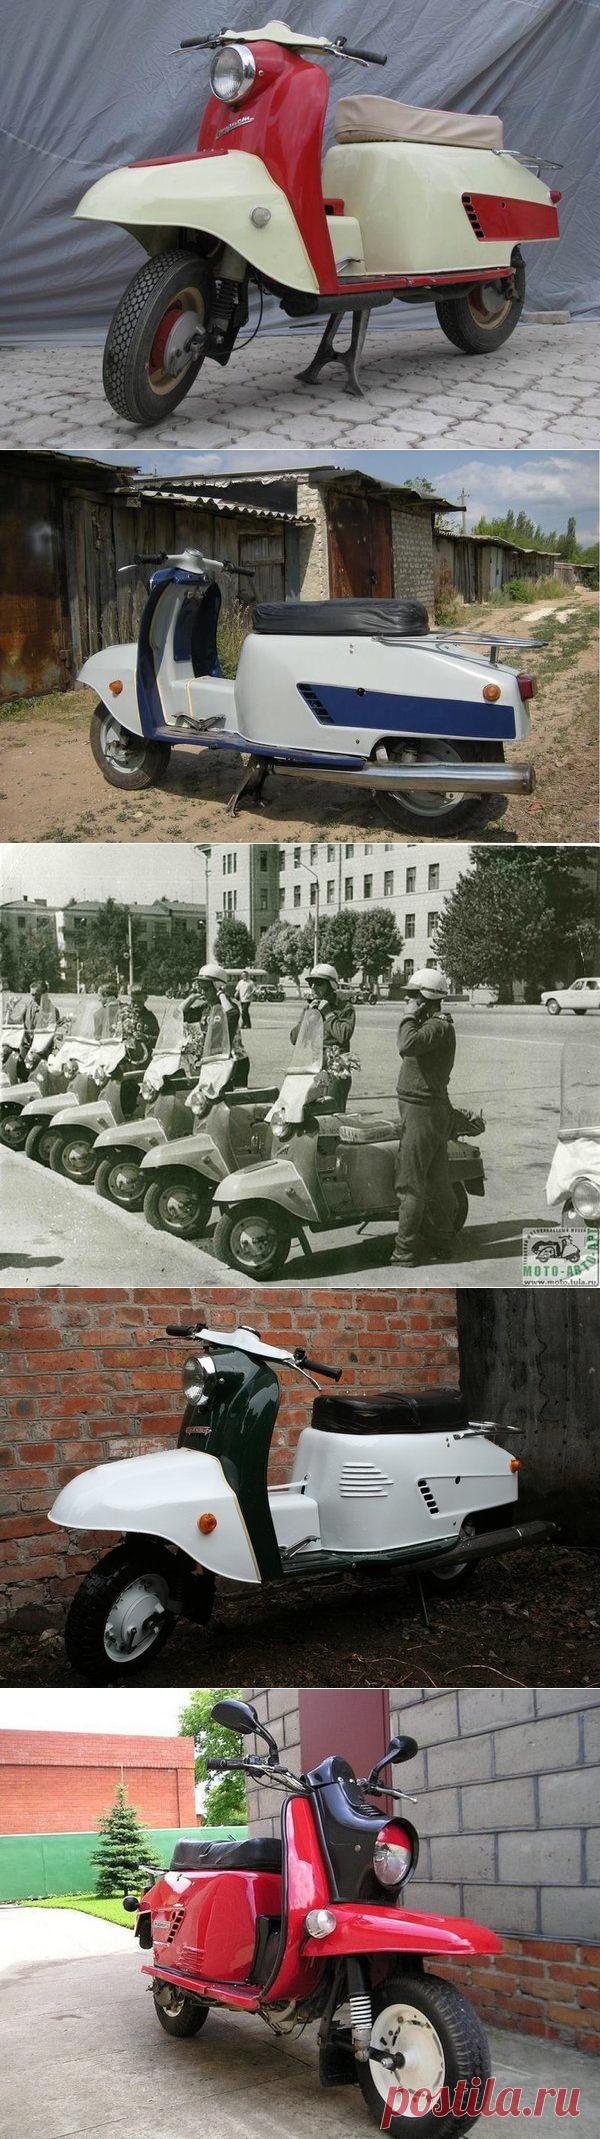 4 легендарных советских мотороллера / Назад в СССР / Back in USSR